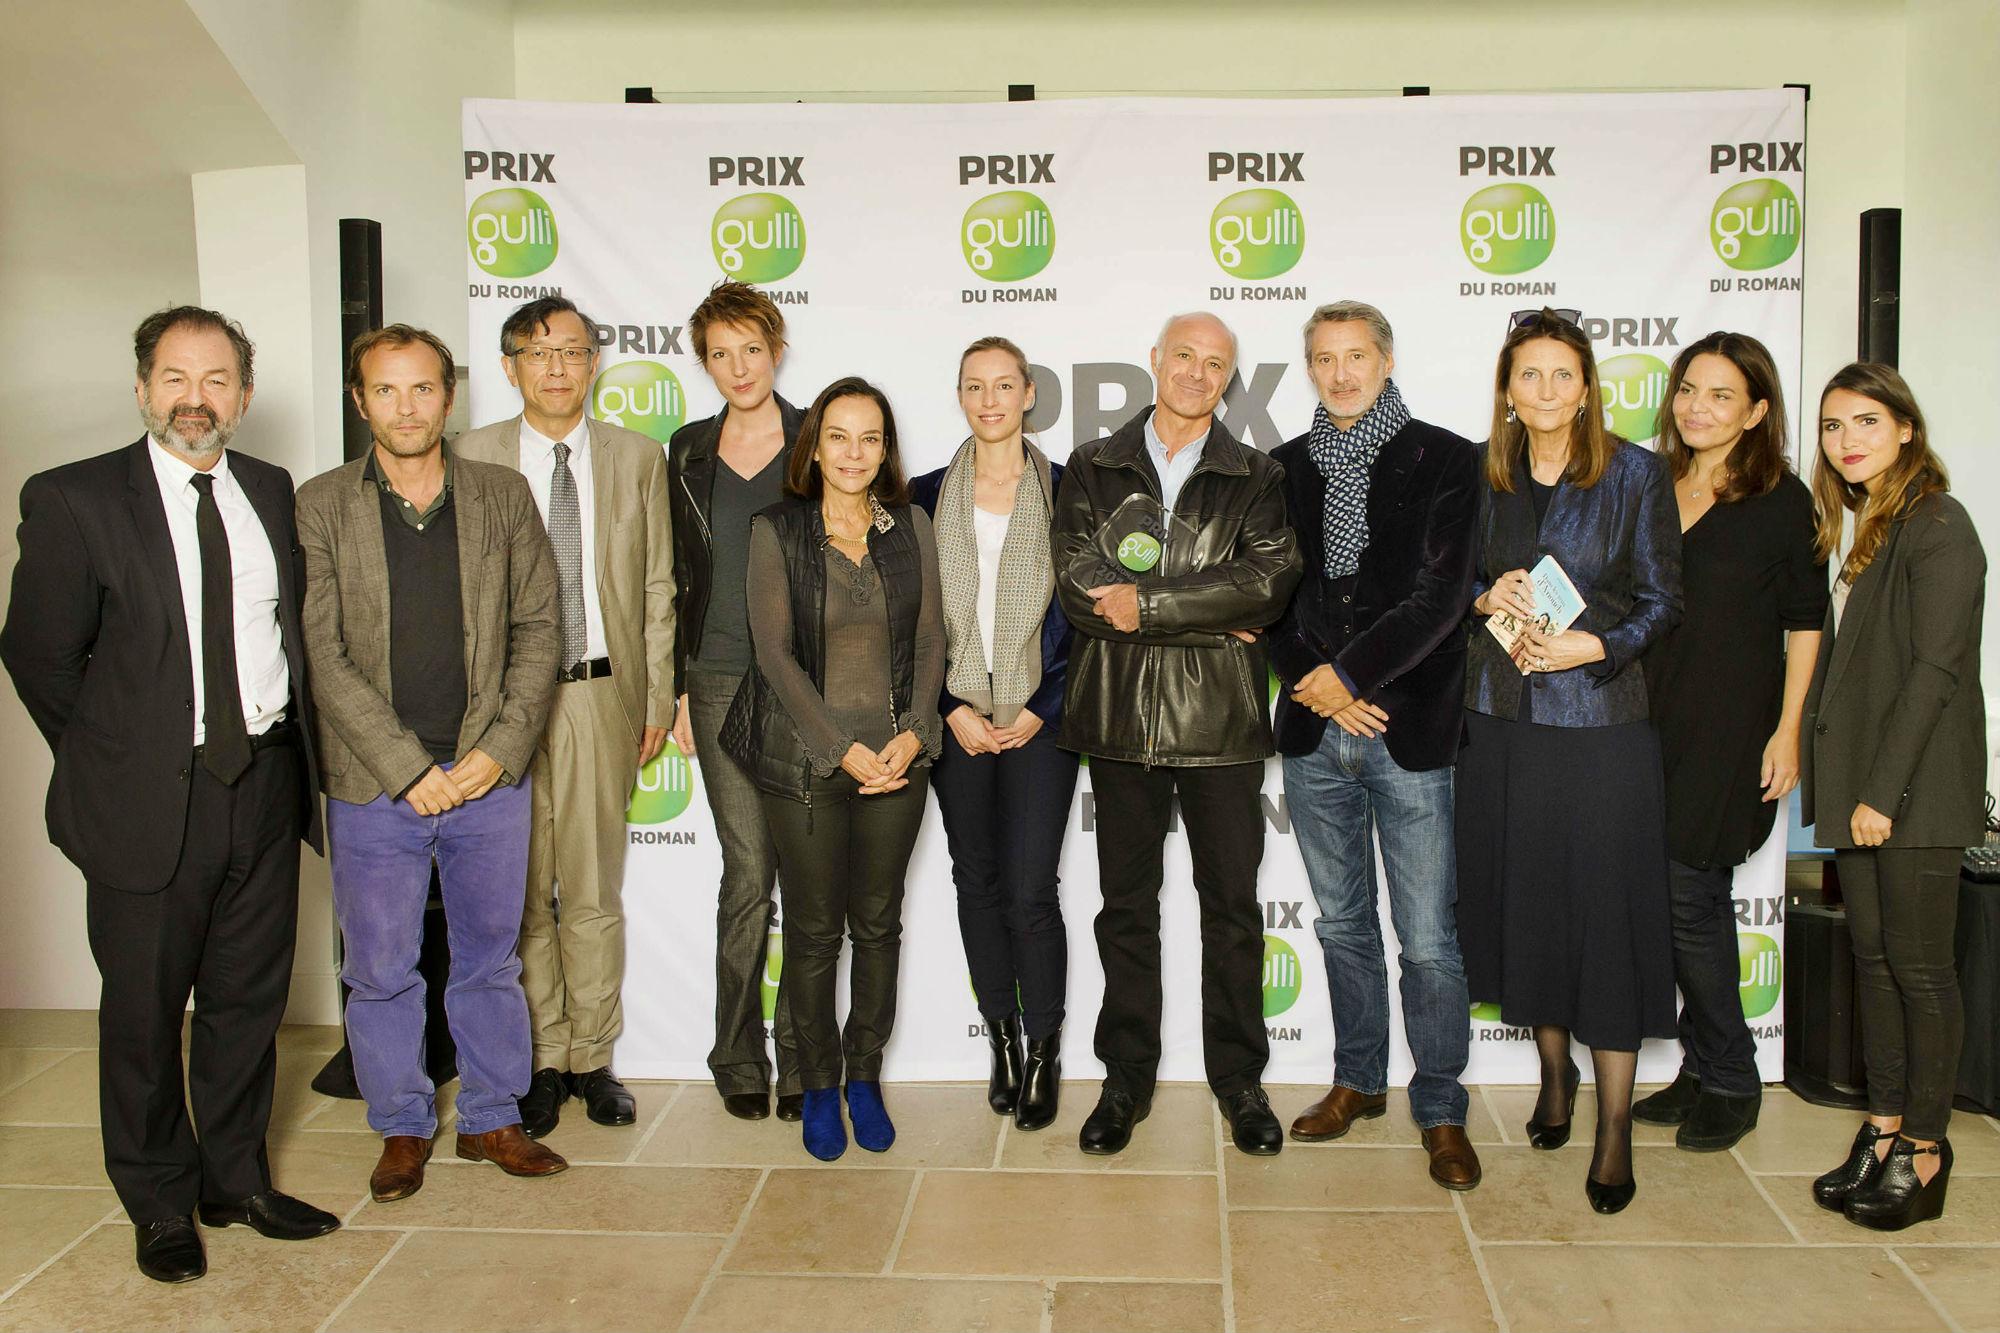 roland godel prix gulli 2015